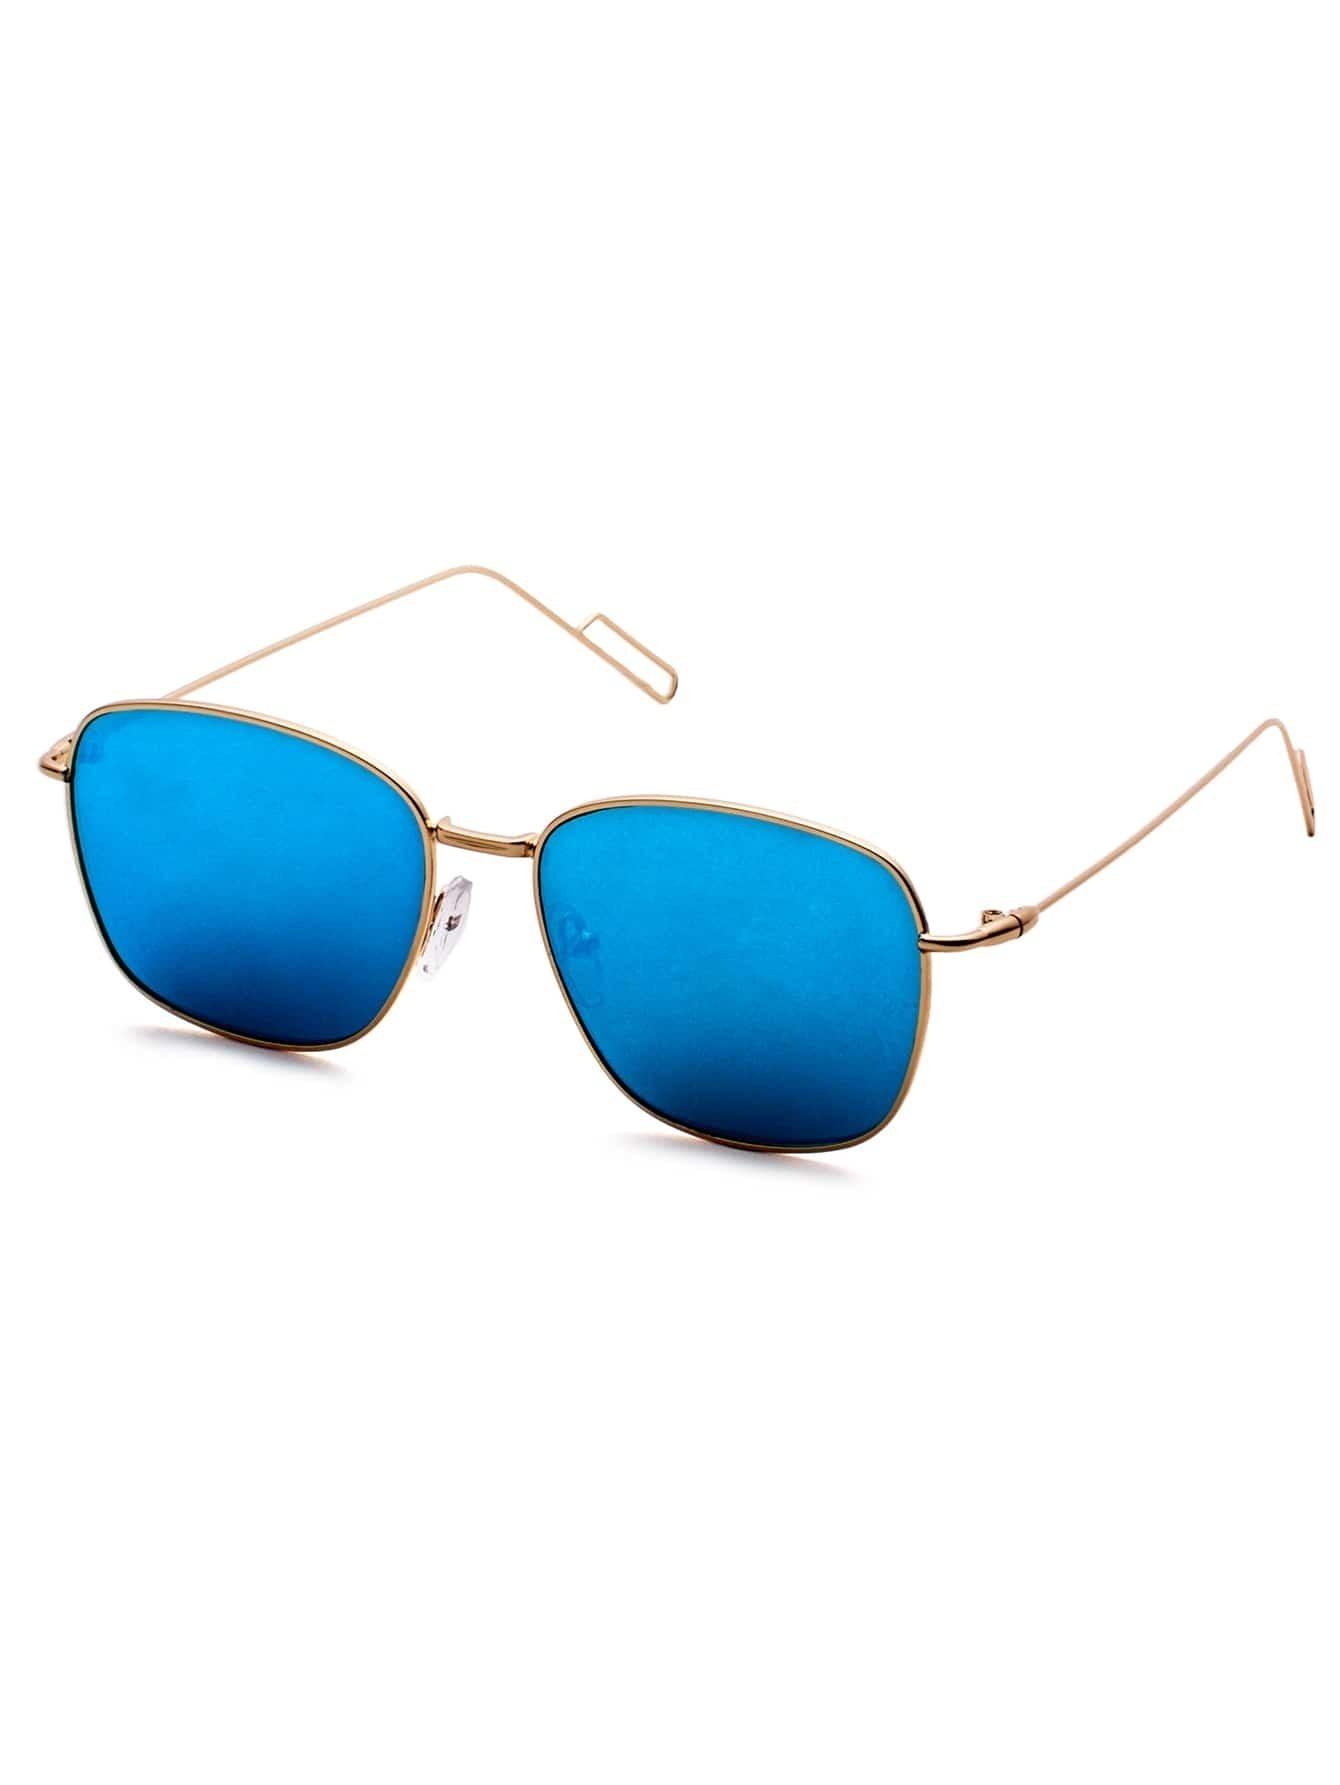 Gold Delicate Frame Blue Lens Sunglasses sunglass160928305